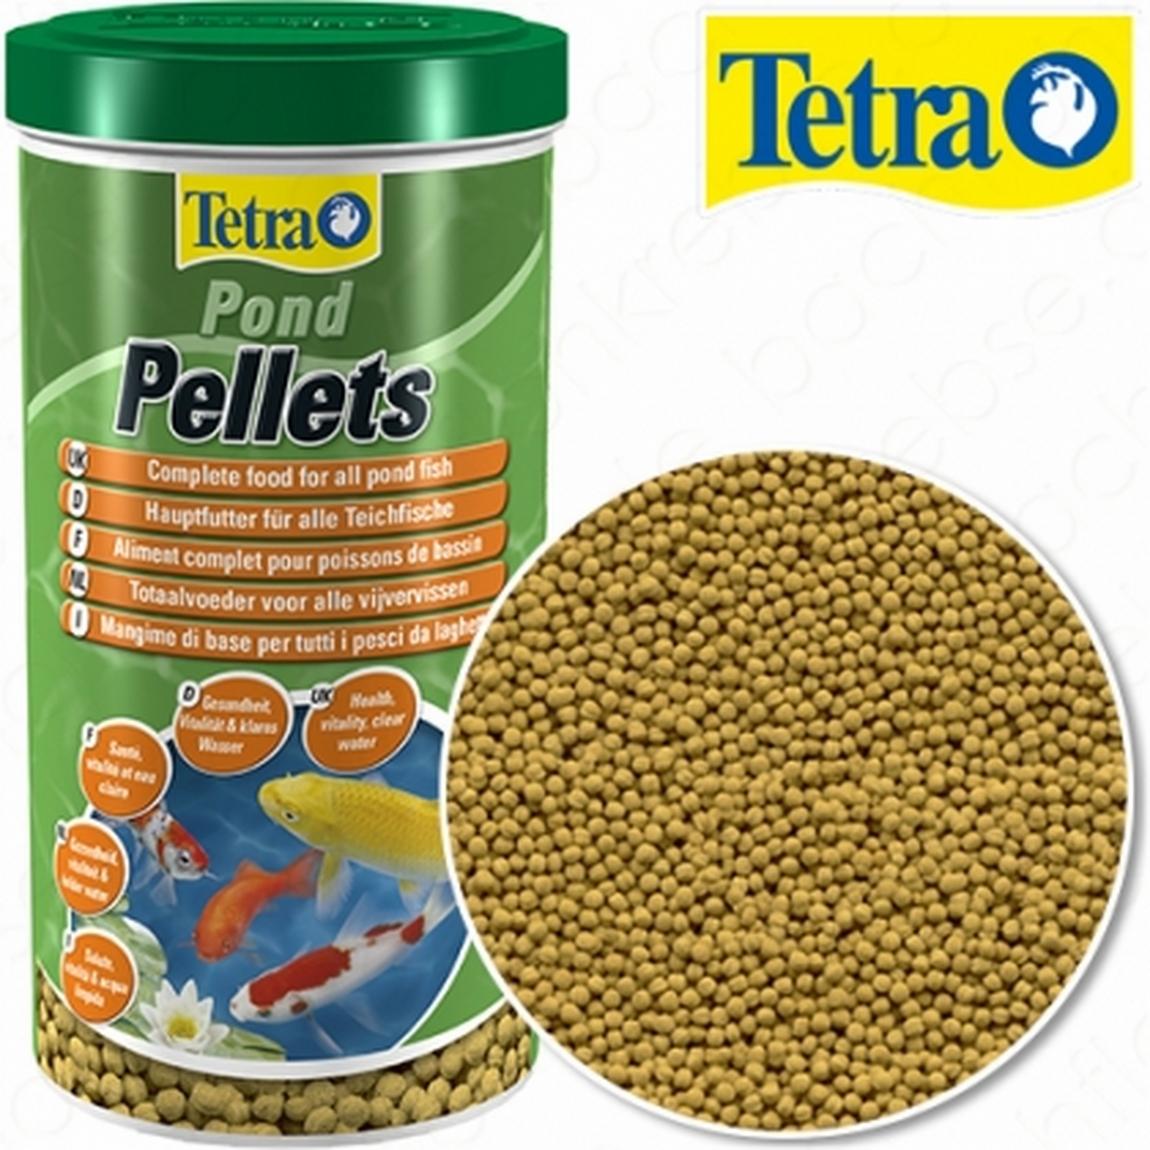 Tetrapond Pellets S 1 L imagine